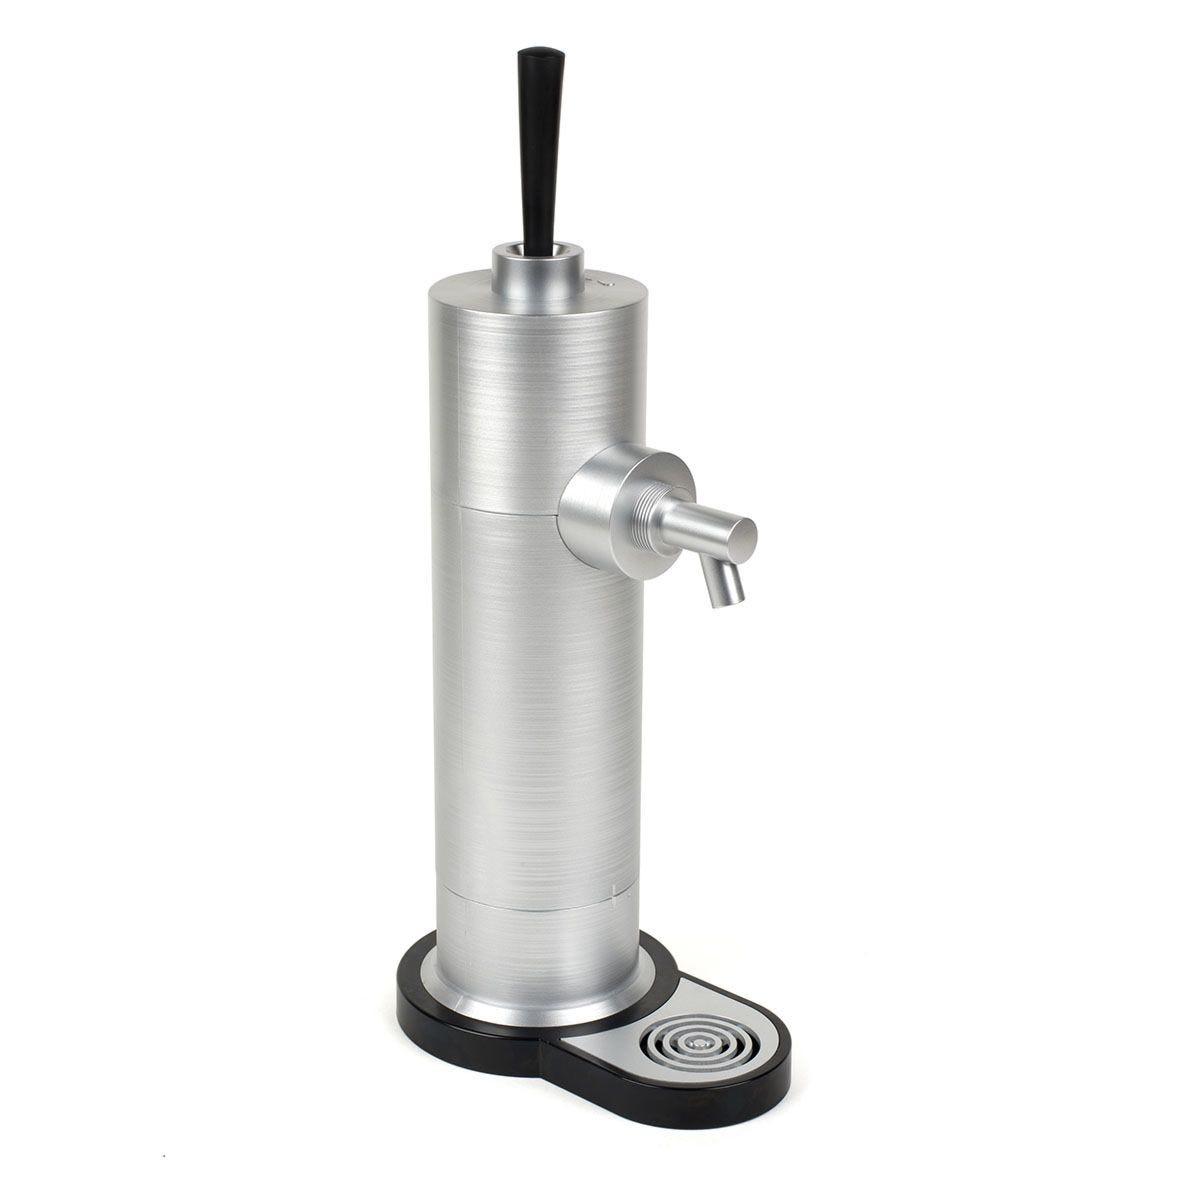 Giles & Posner EK3755P Beer Draft Dispenser - Silver